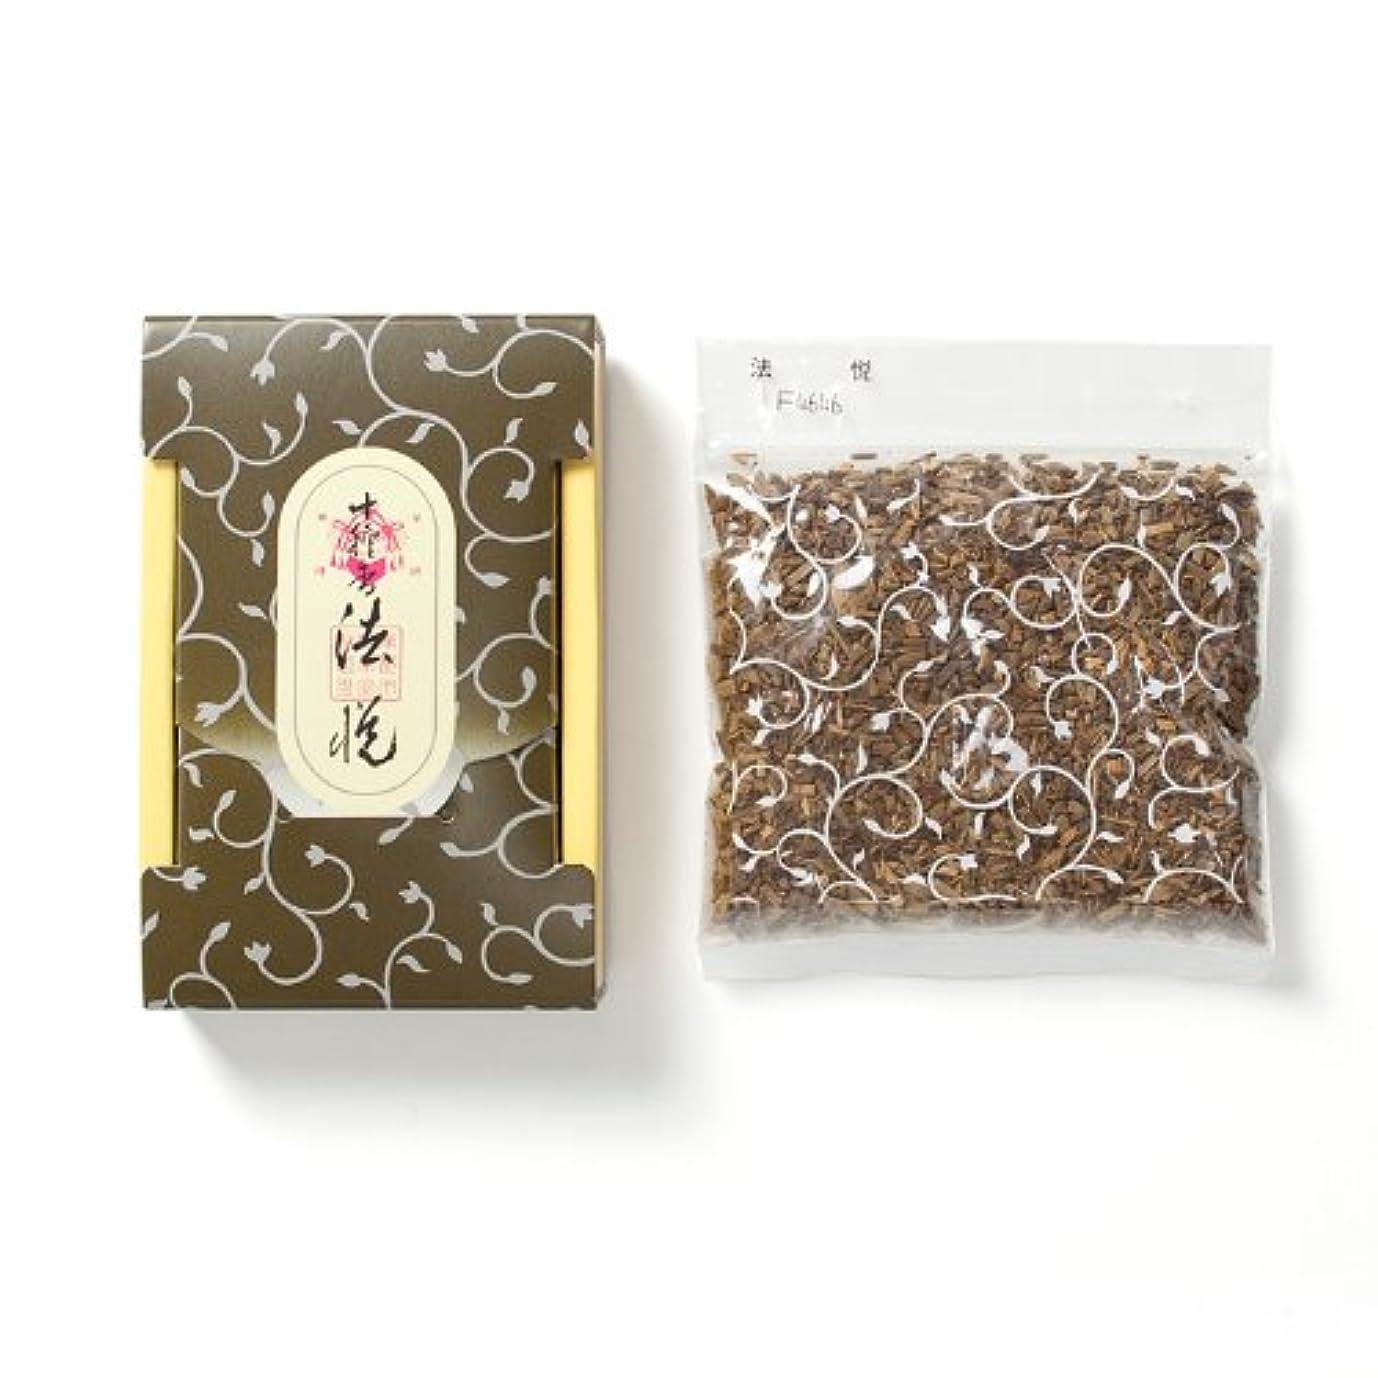 空中合わせて作者松栄堂のお焼香 十種香 法悦 25g詰 小箱入 #411041